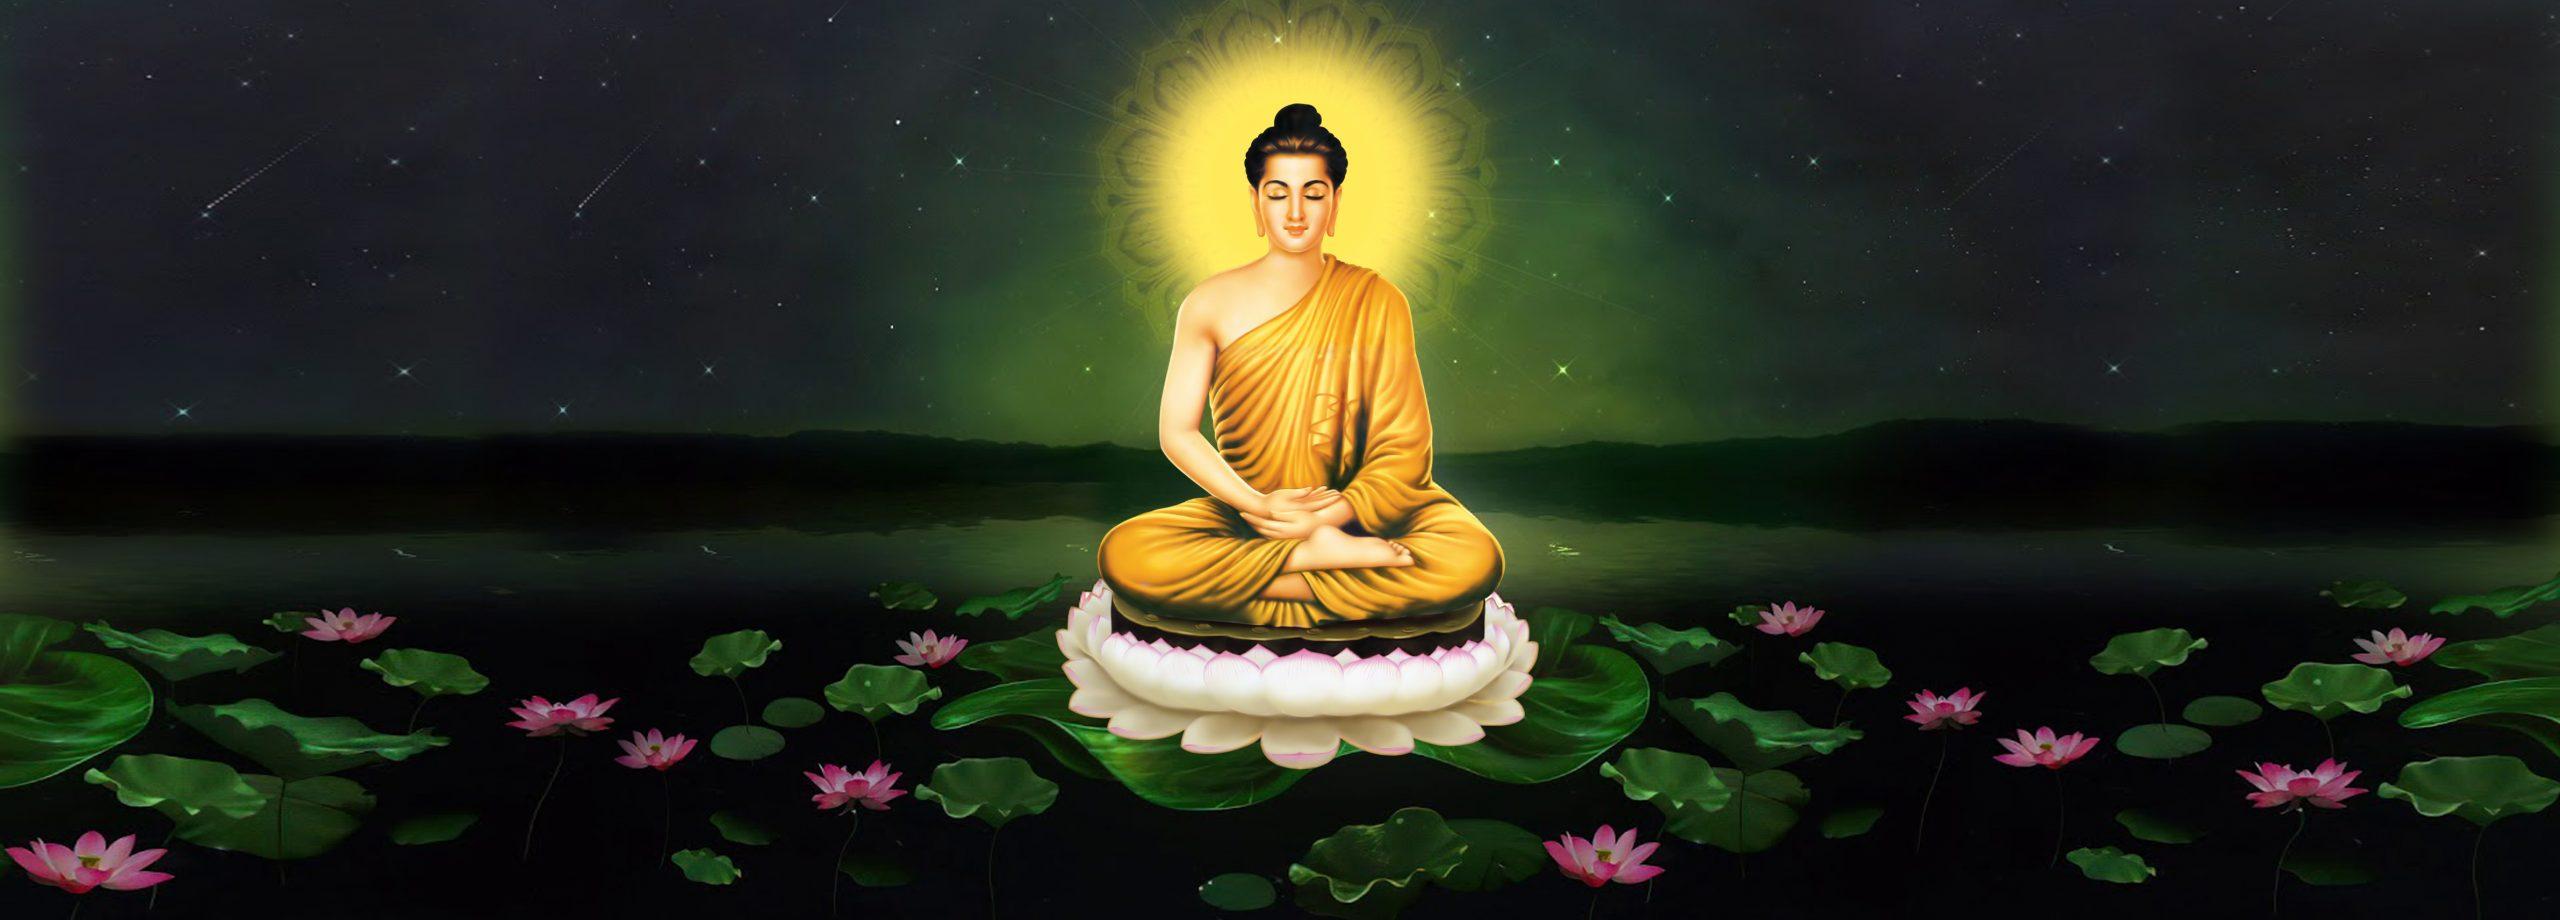 Tôn ảnh Phật Thích Ca ảnh cover facebook